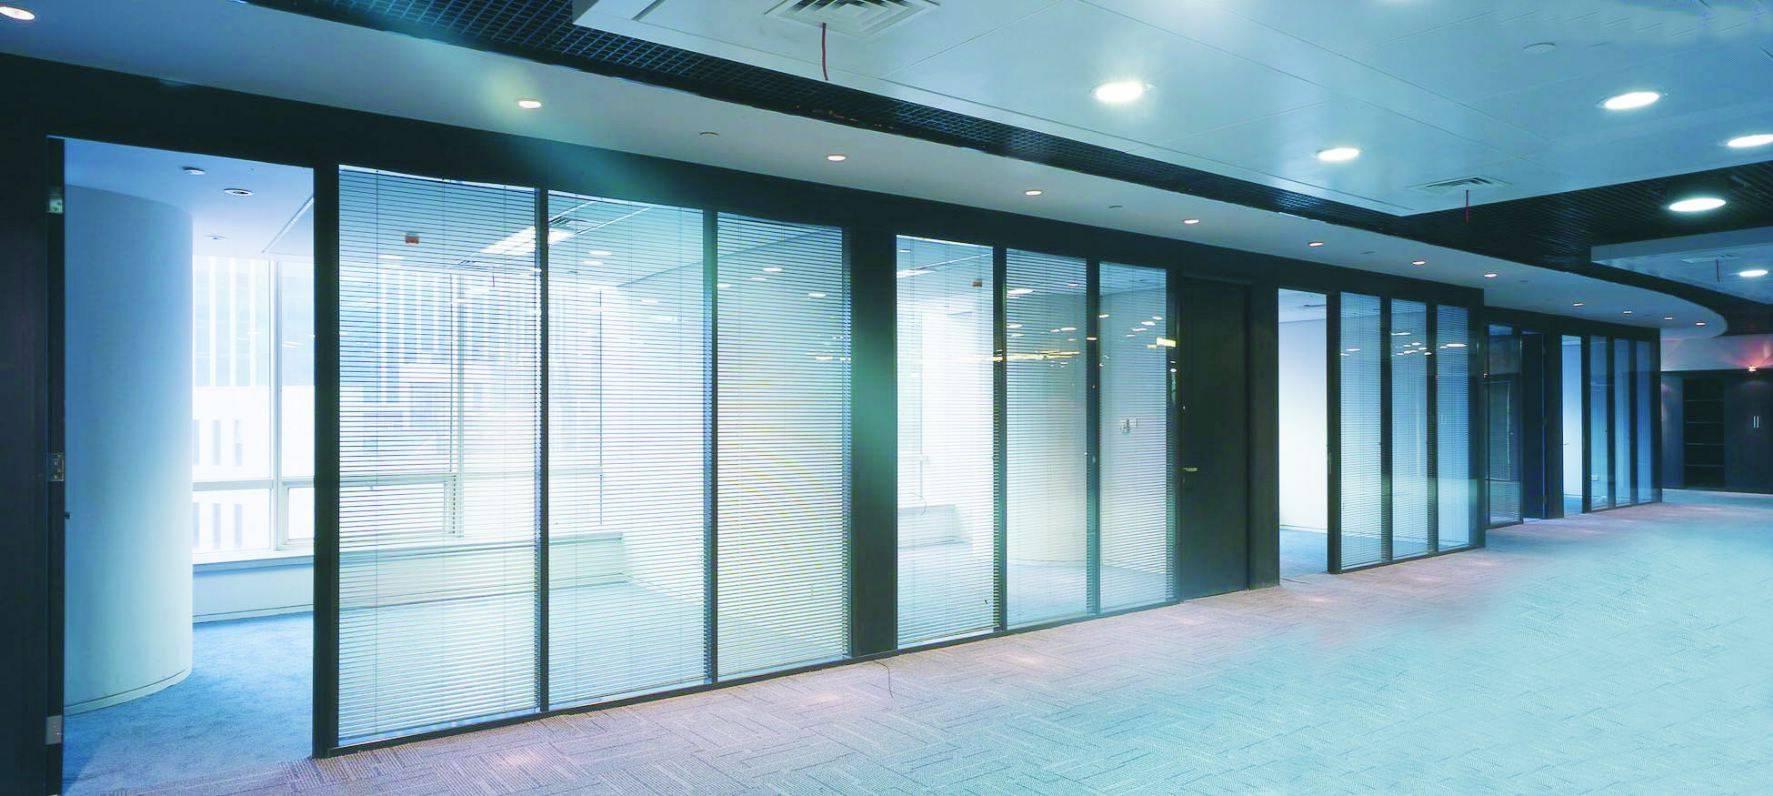 宁波 详细链接 本公司是一家主要从事中空百叶玻璃,中空百叶玻璃隔断